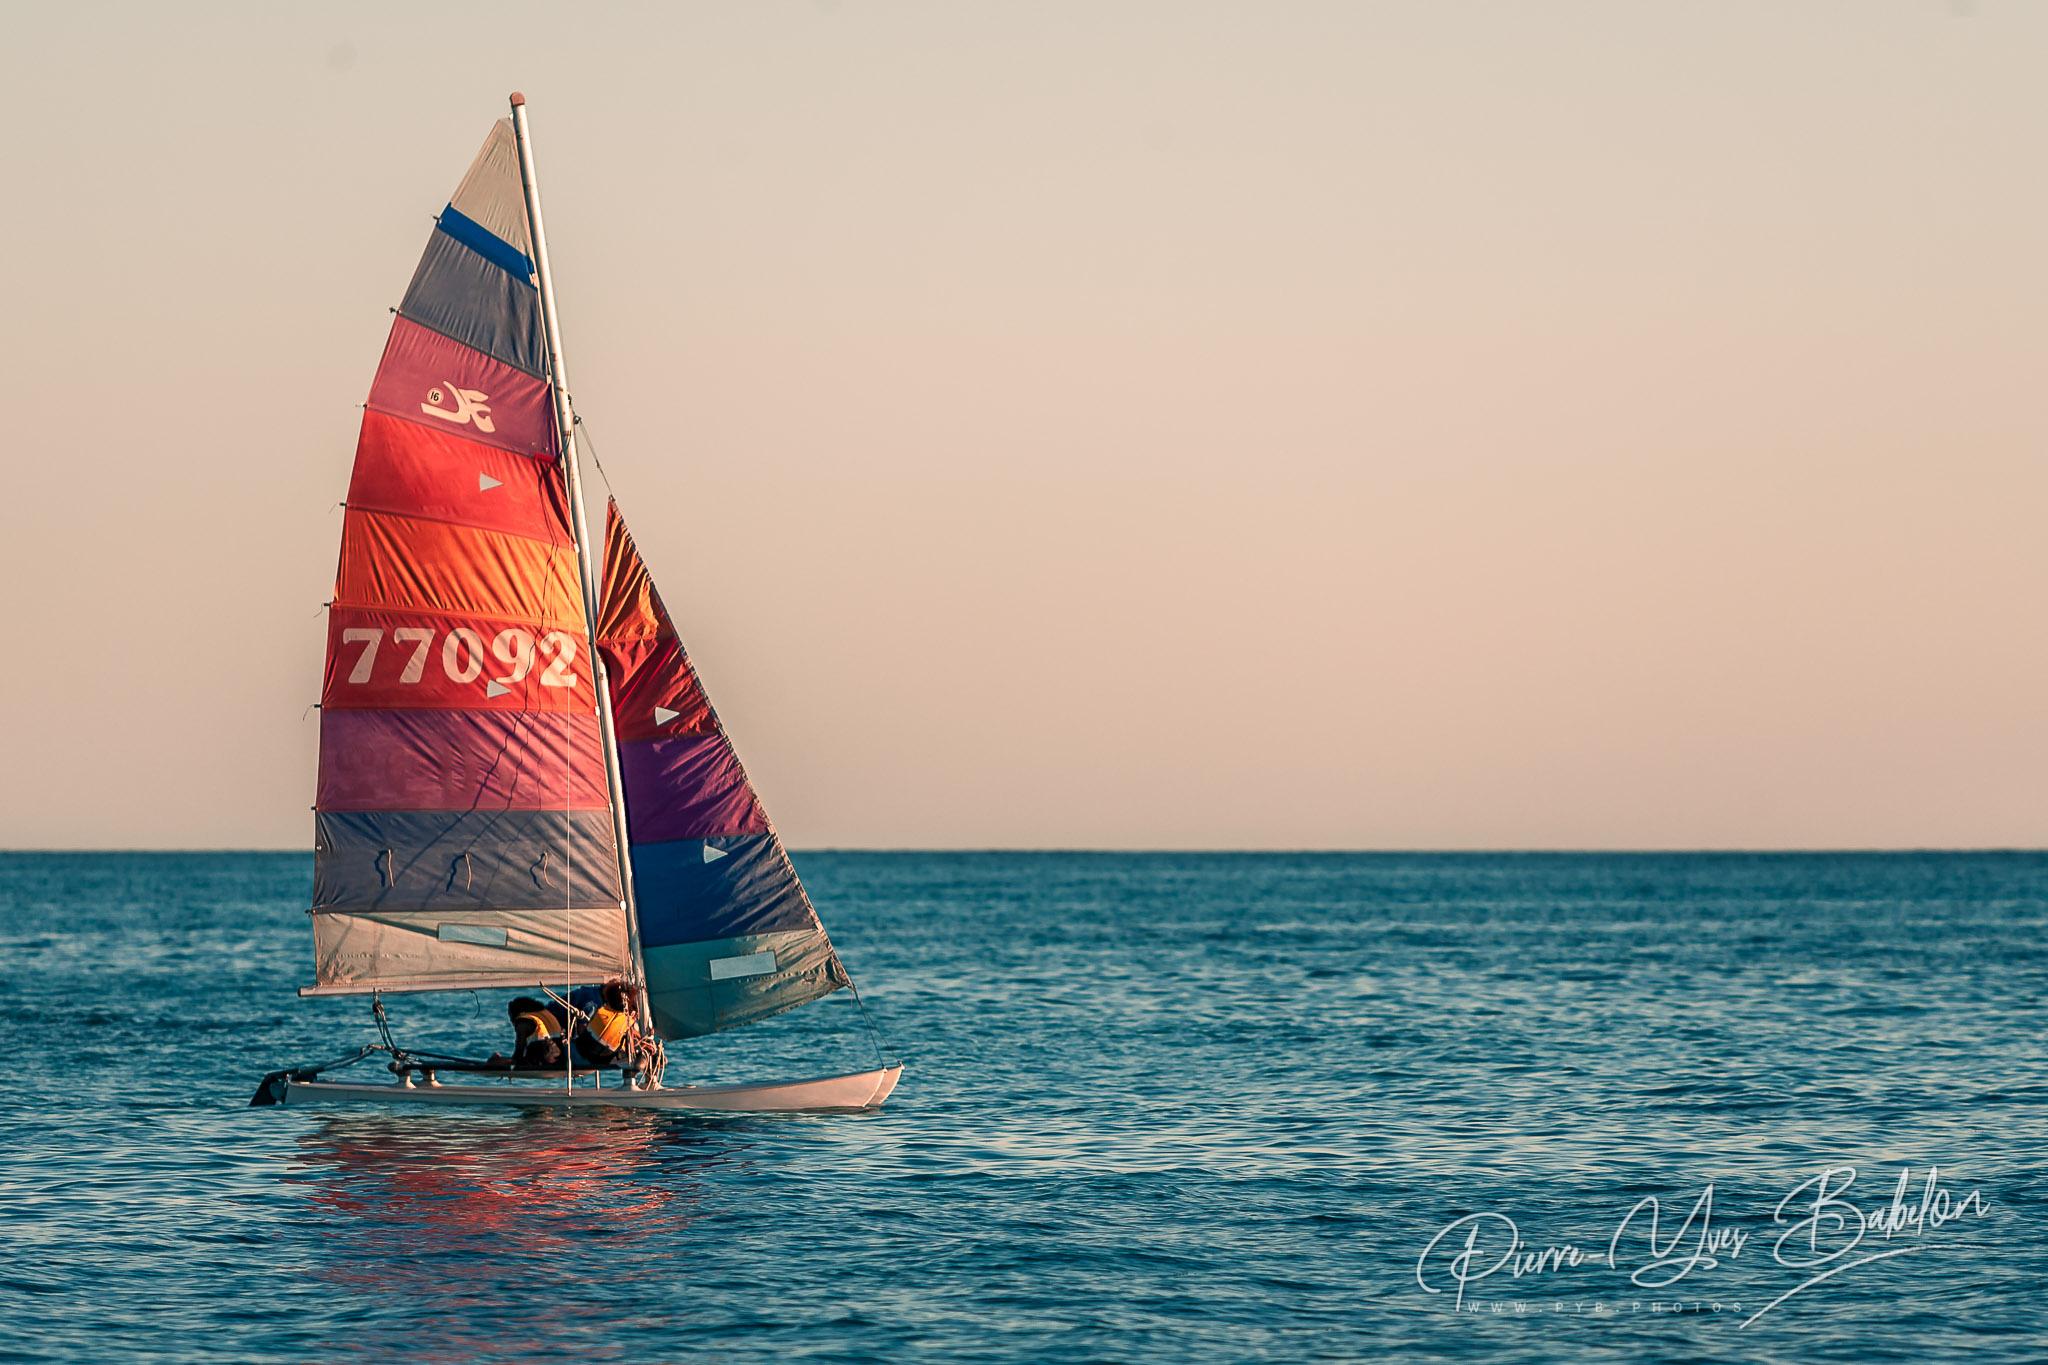 Hobie cat catamaran